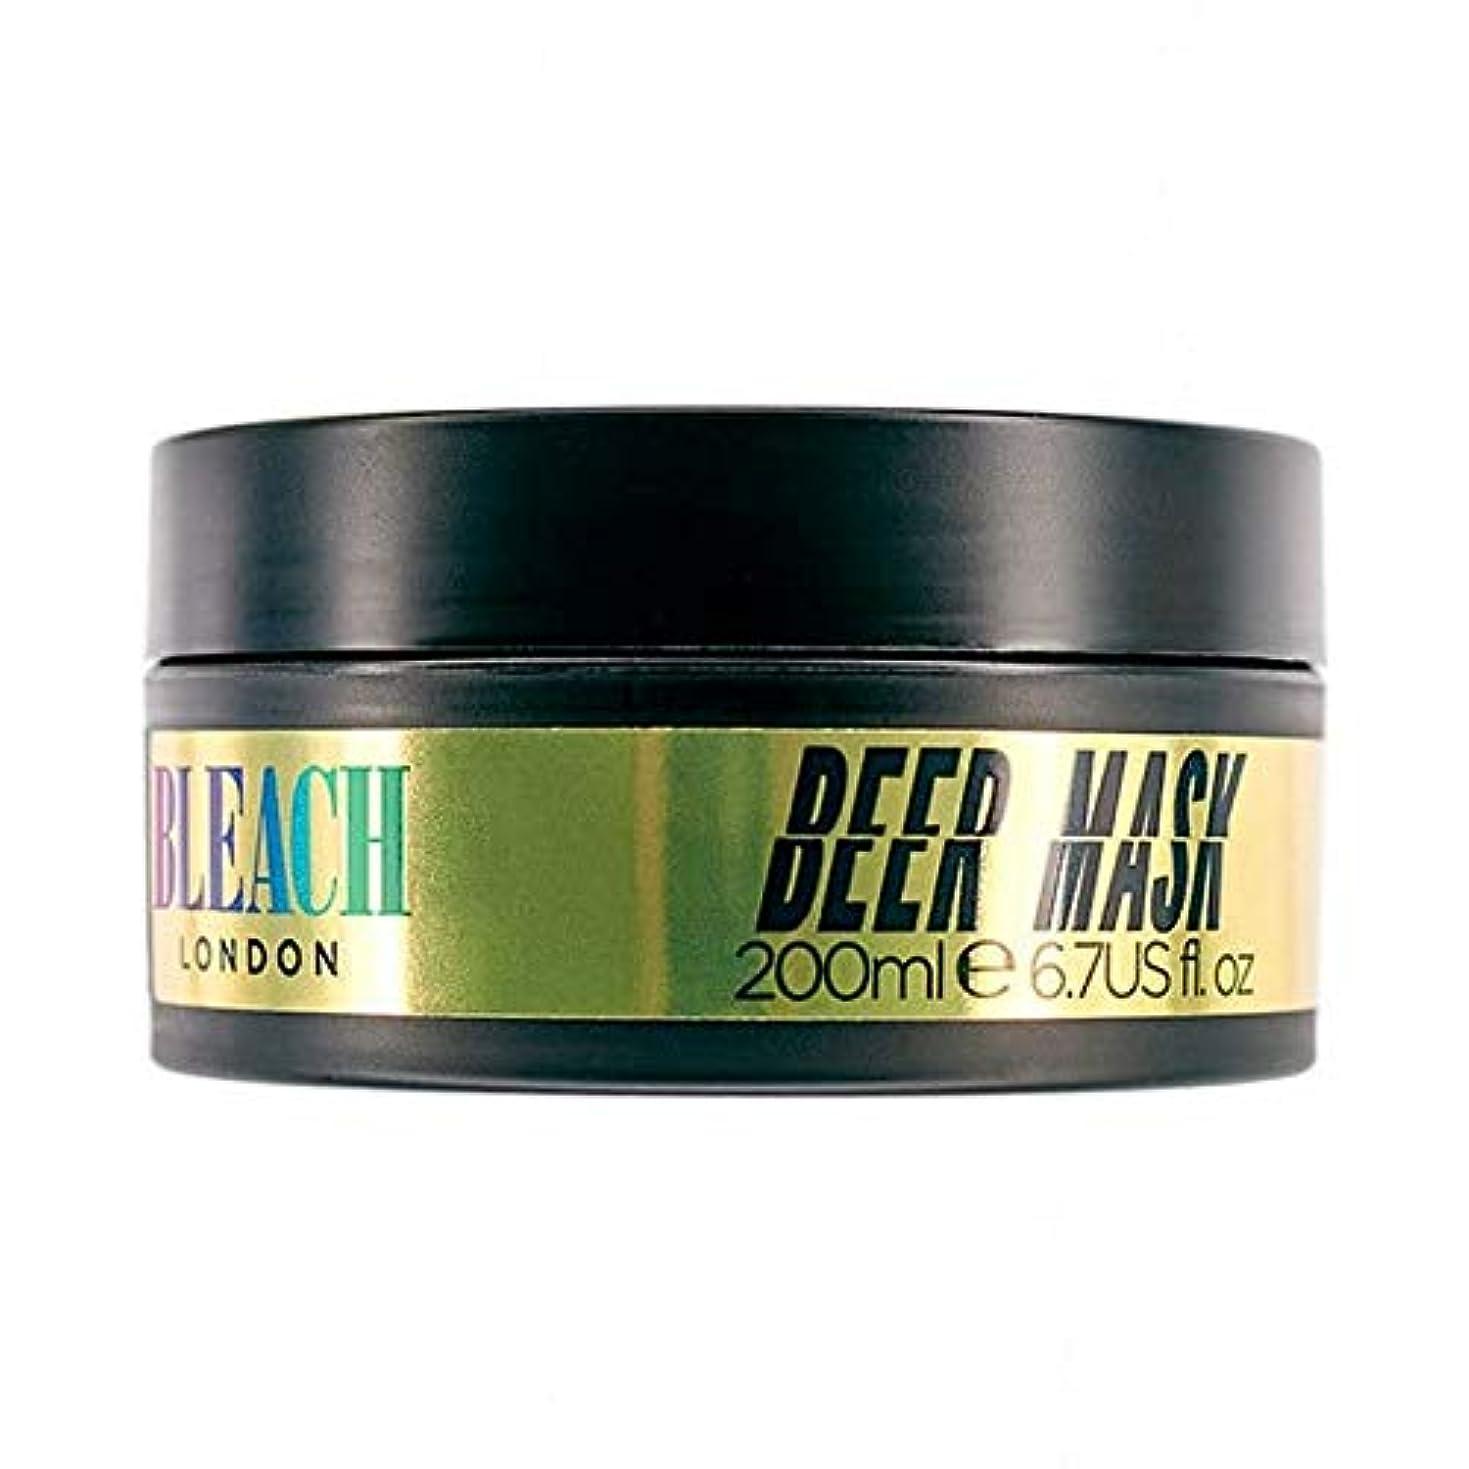 失速動物ブローホール[Bleach London ] 漂白ロンドンビールマスク200ミリリットル - Bleach London Beer Mask 200ml [並行輸入品]